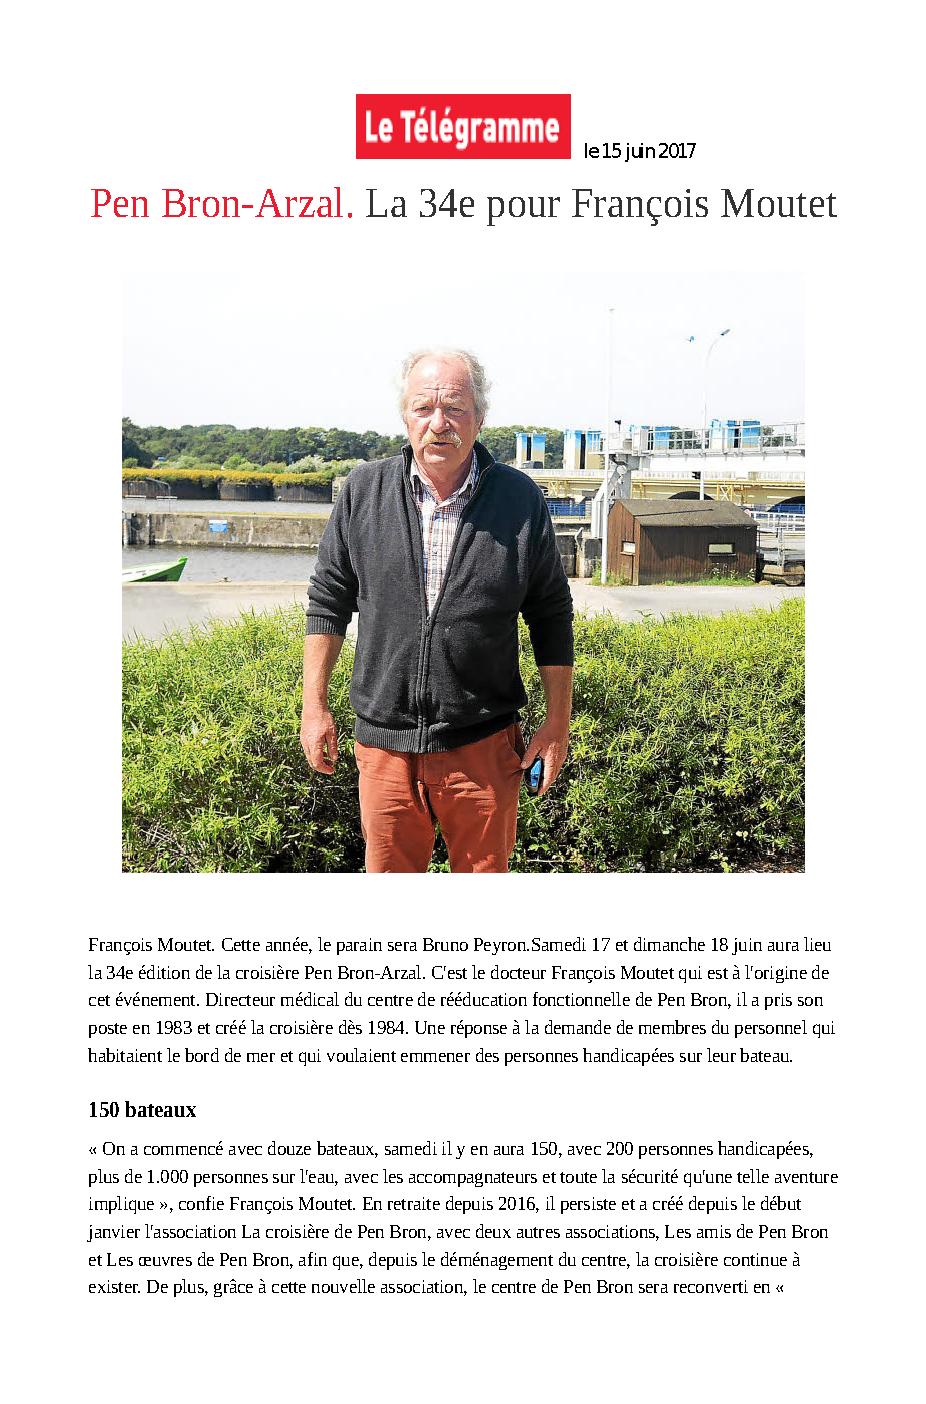 Pen Bron-Arzal. La 34e pour François Moutet